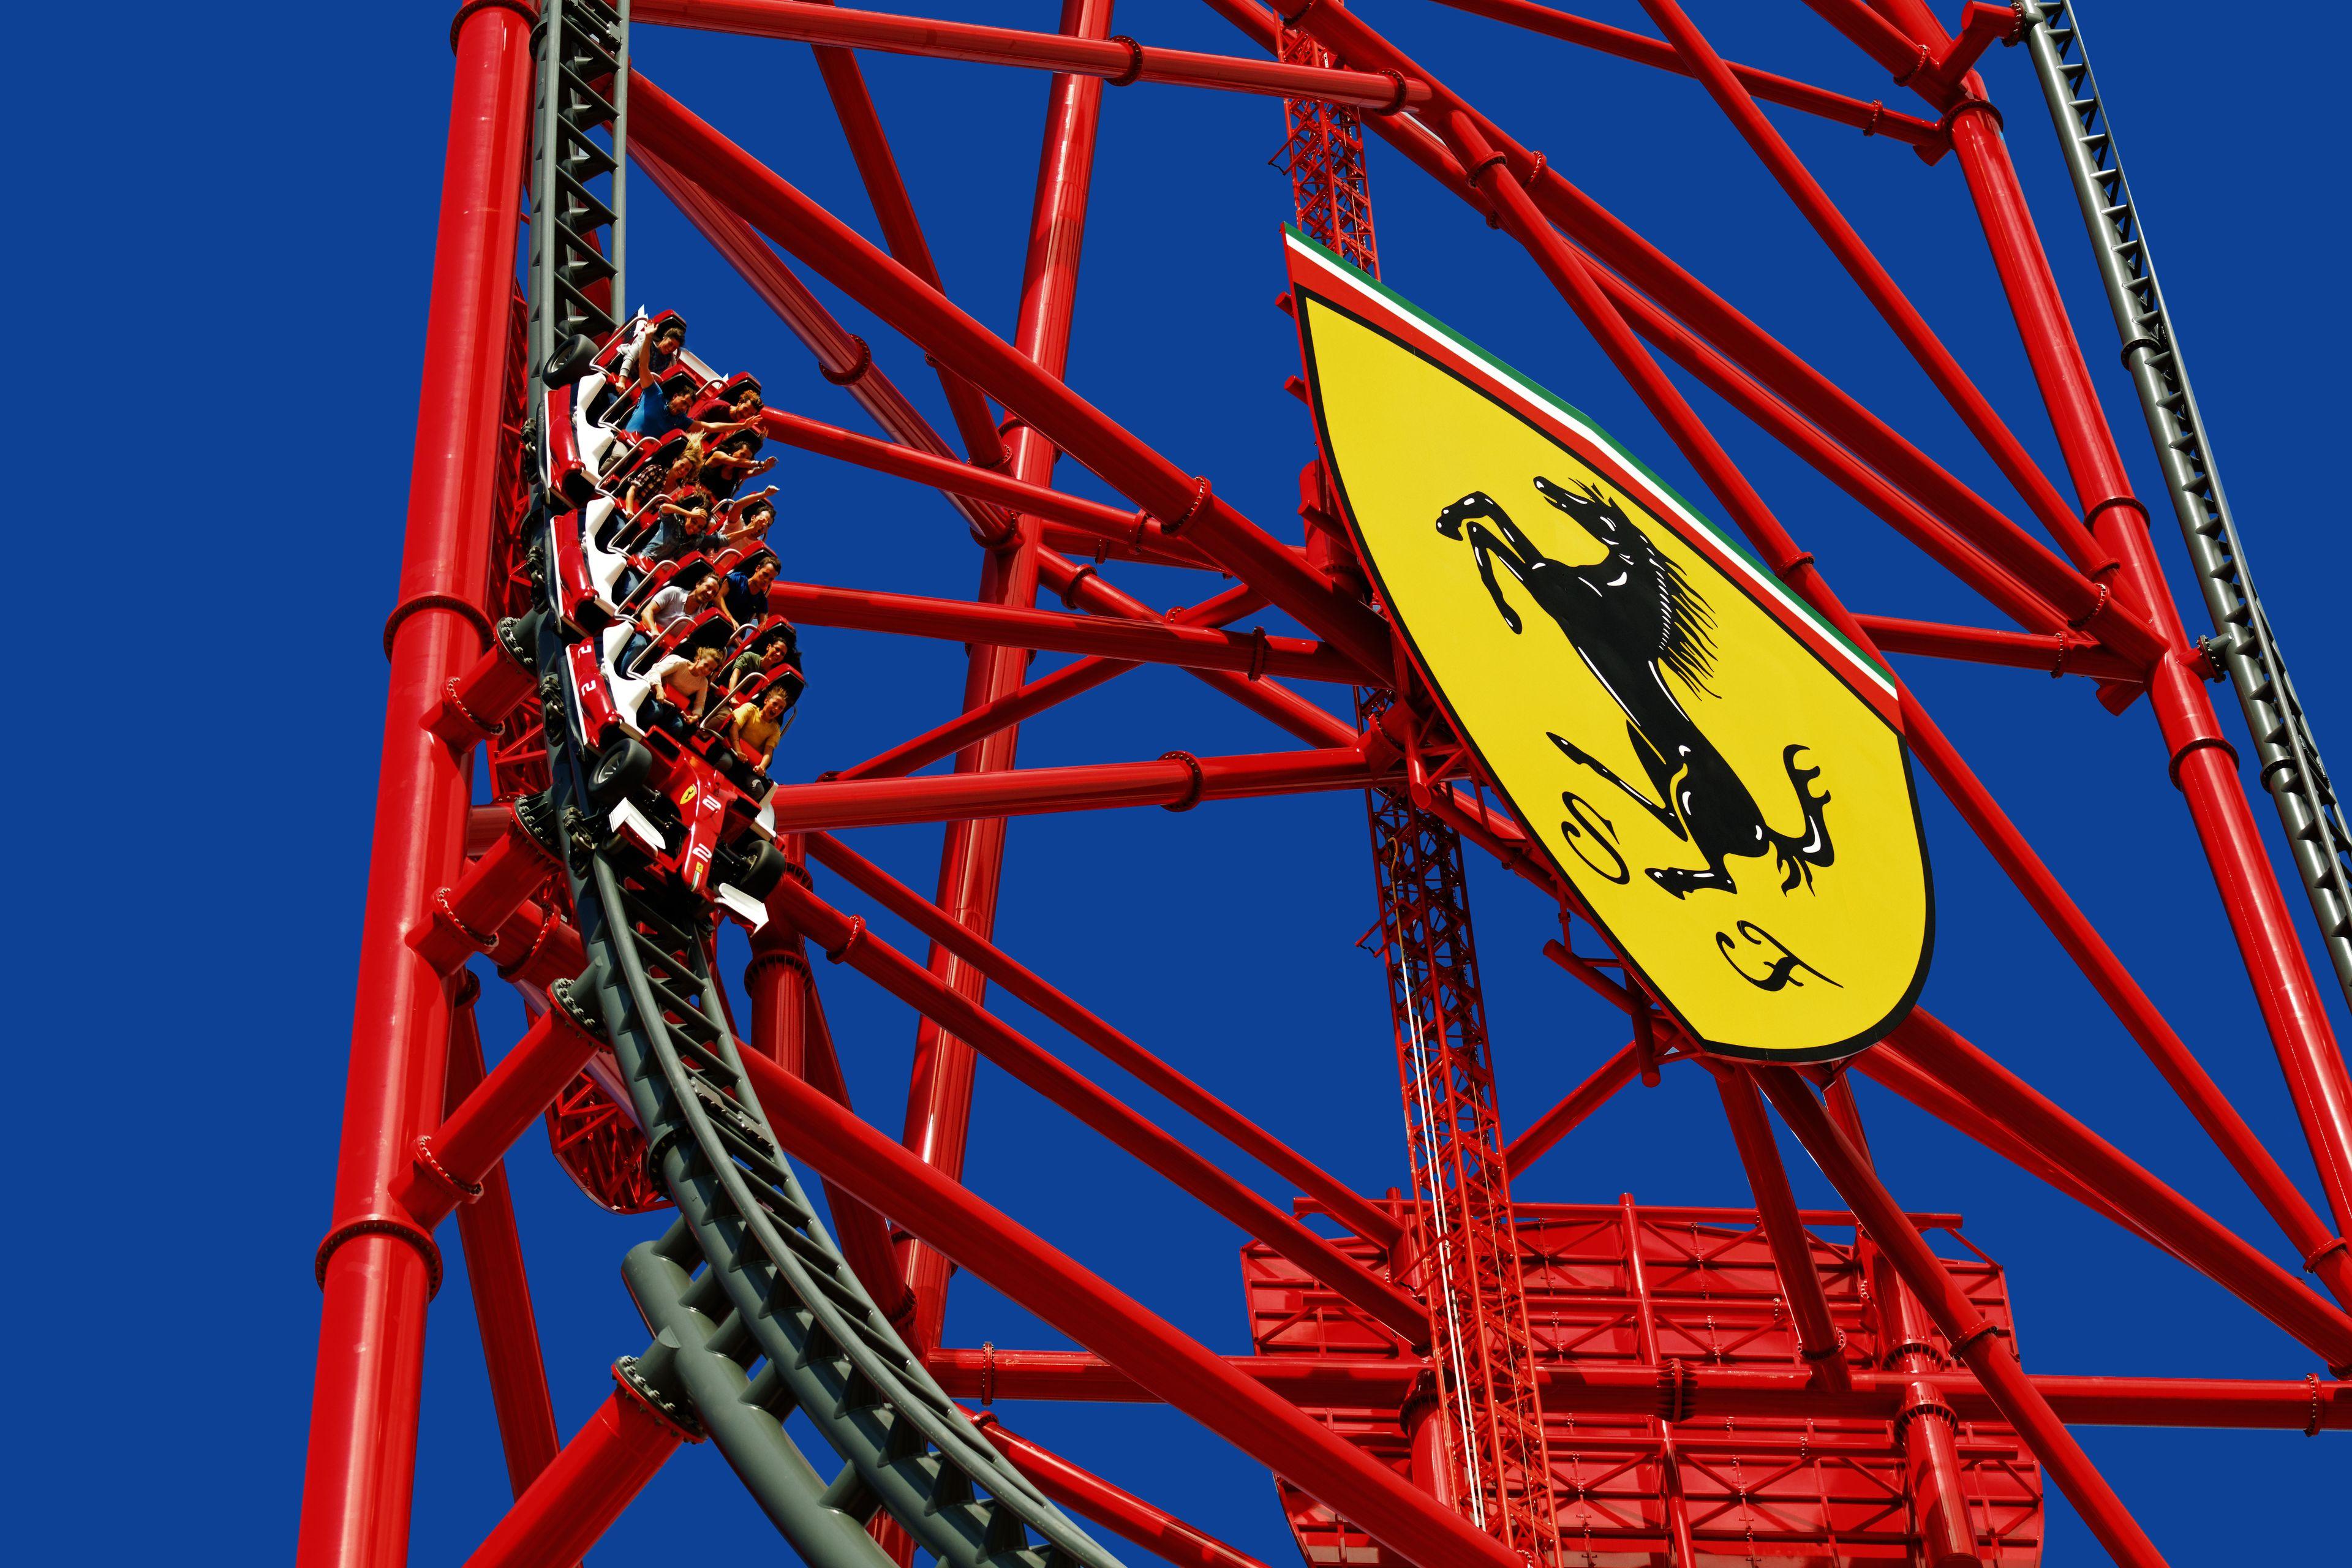 PortAventura, Ferrari Land & Caribe Aquatic Park Multi-Day Admission